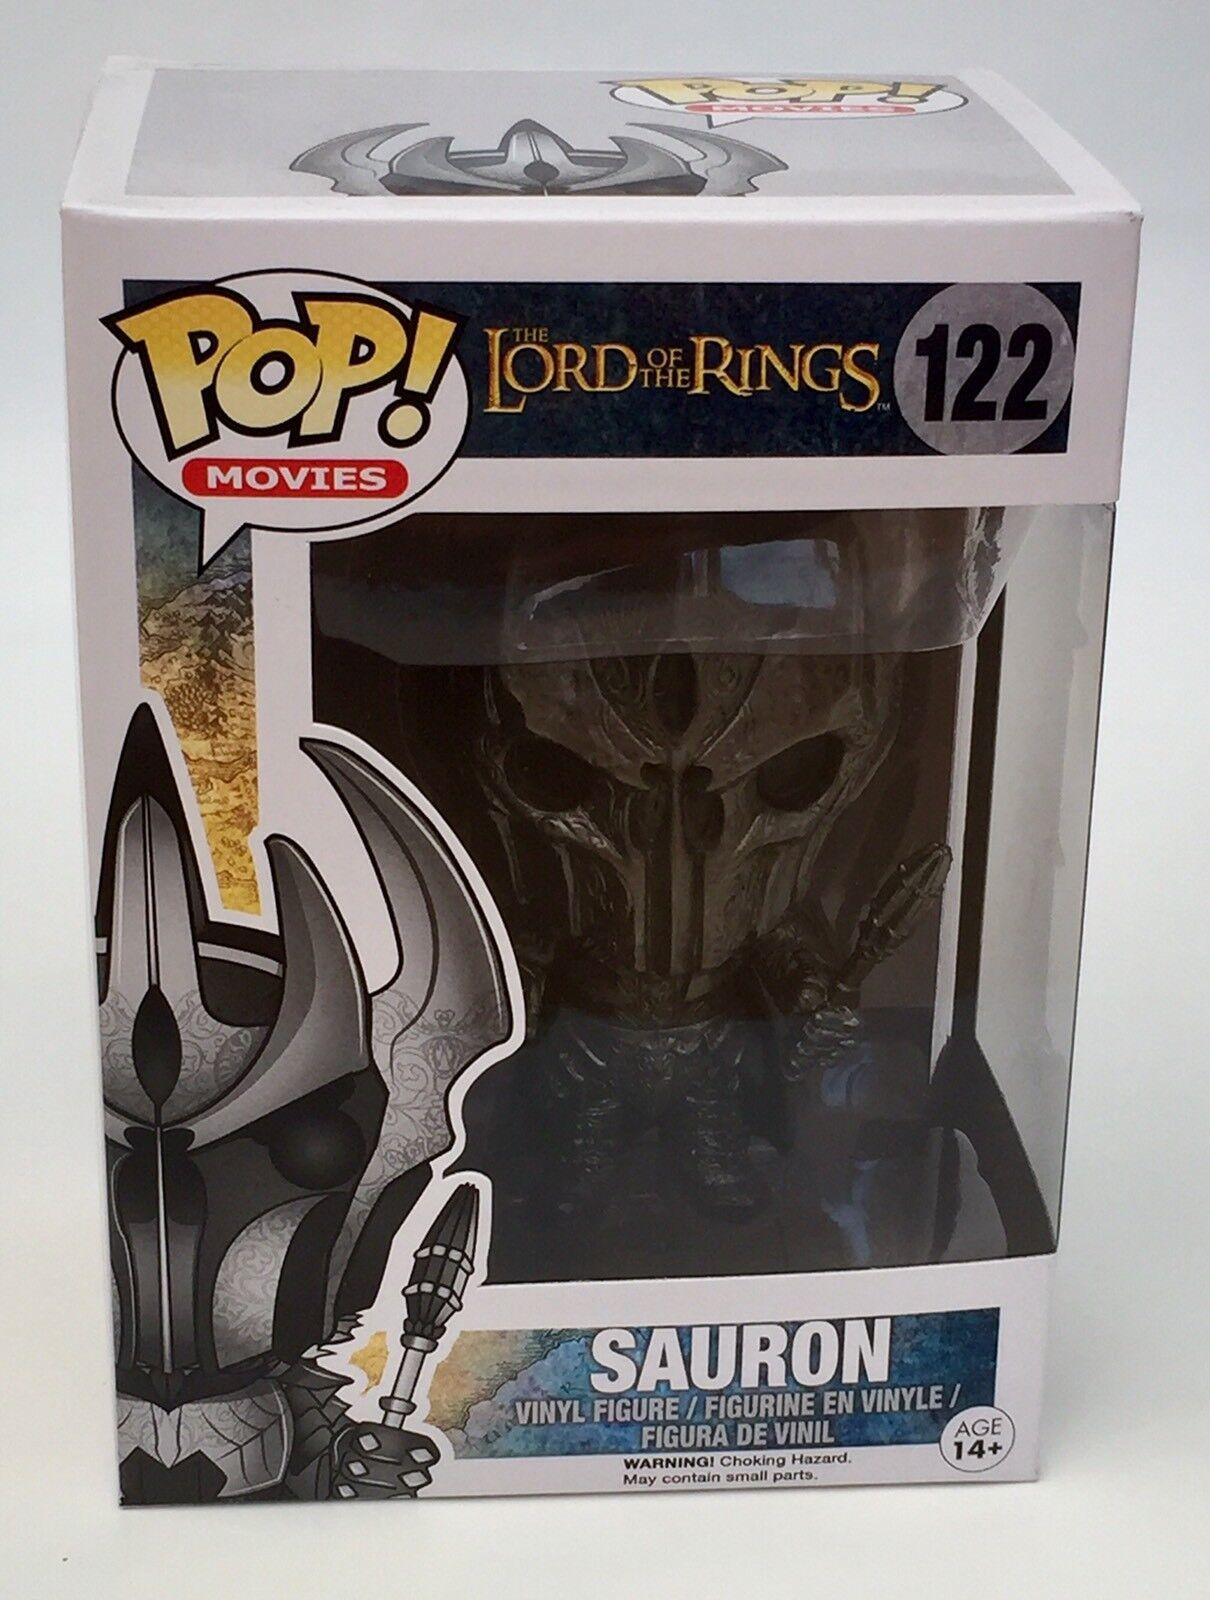 Il Signore degli Anelli Sauron Funko Pop Figura in vinile NUOVO 122